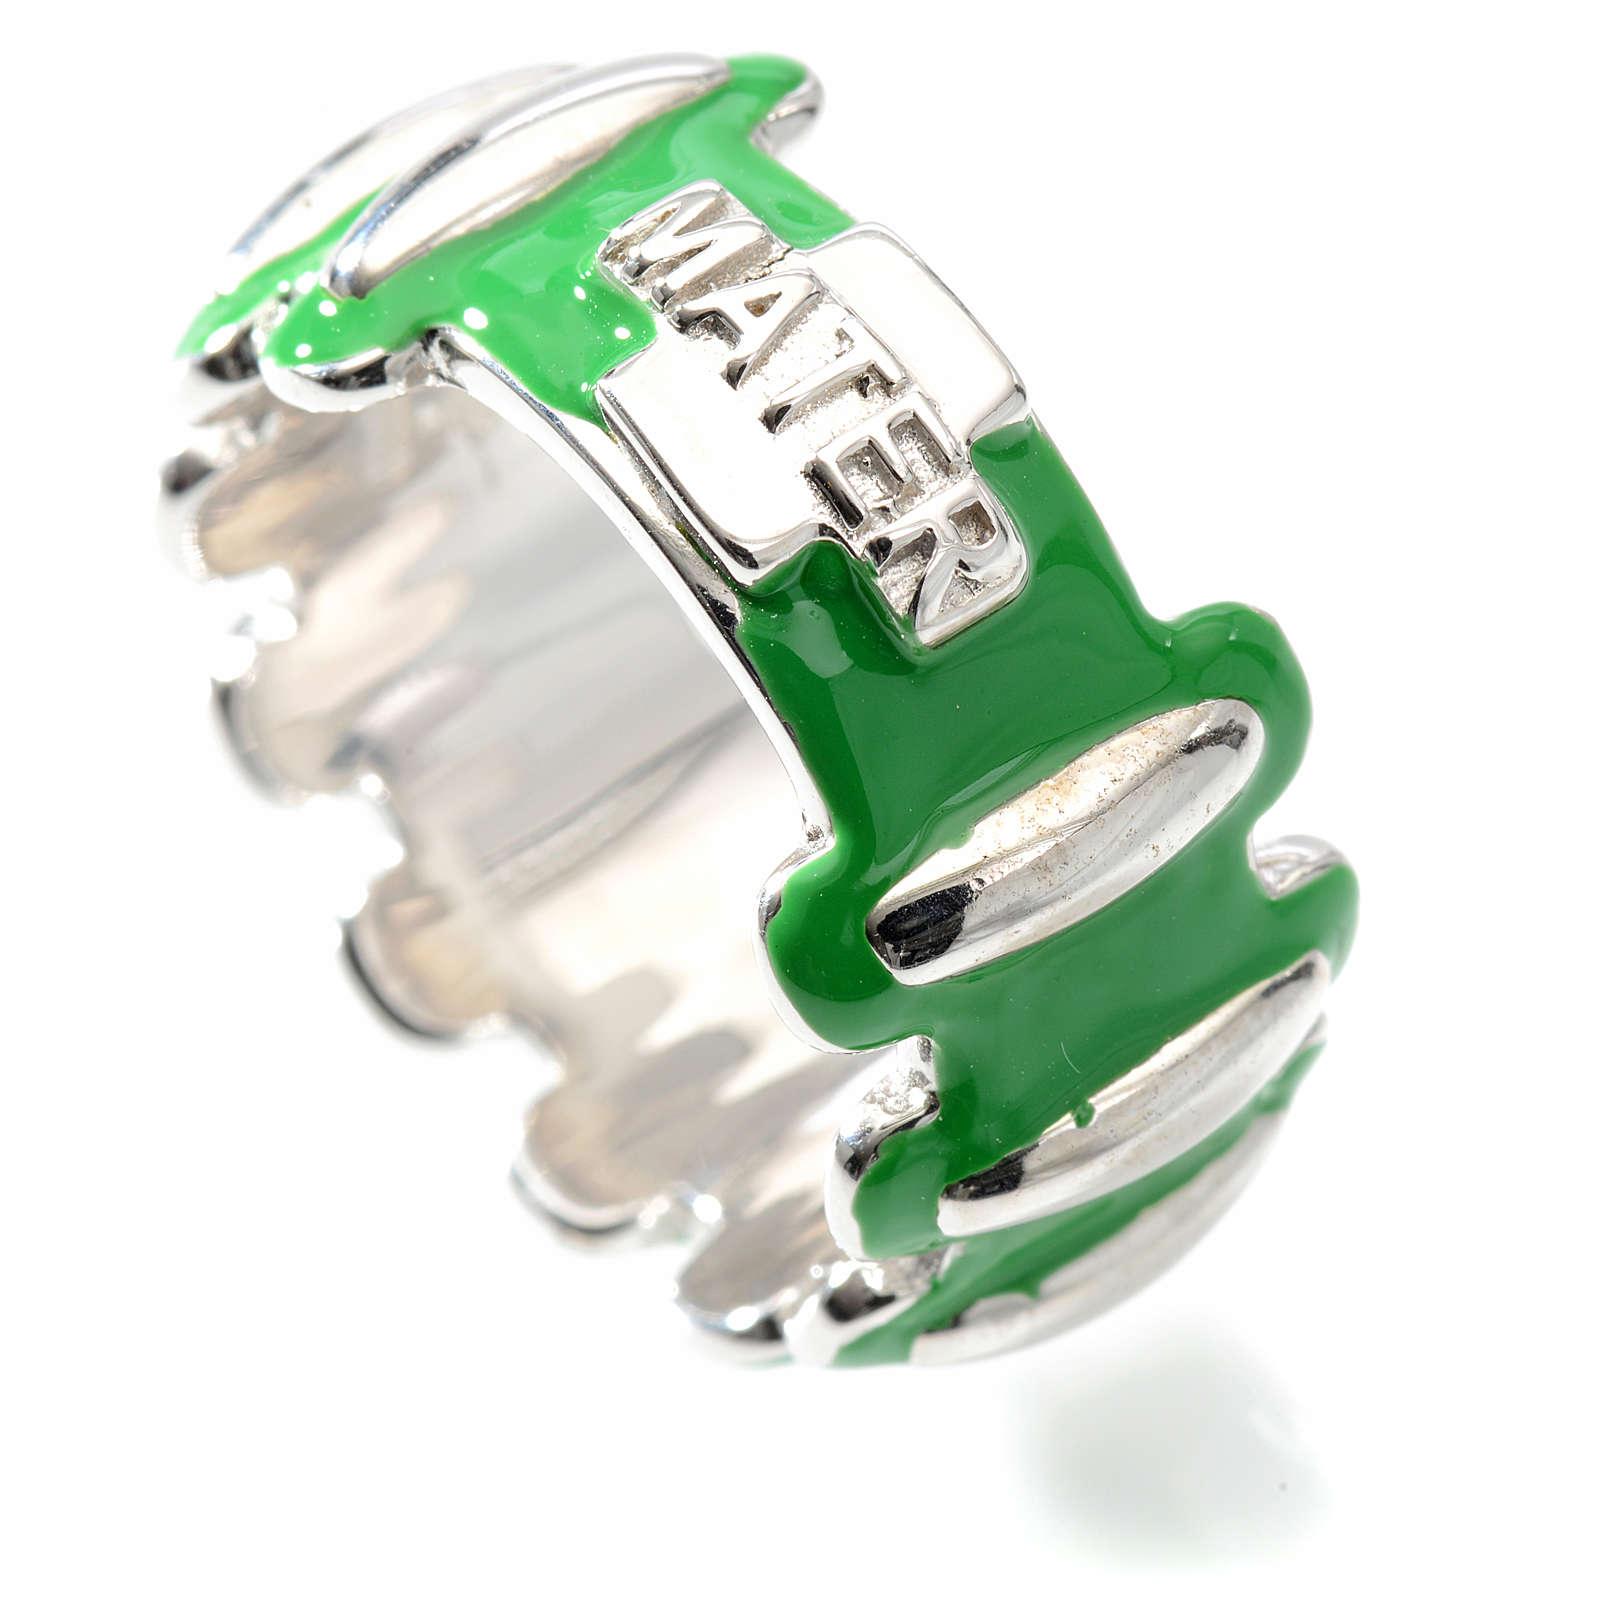 Anello rosario MATER argento 925 smaltato verde 3